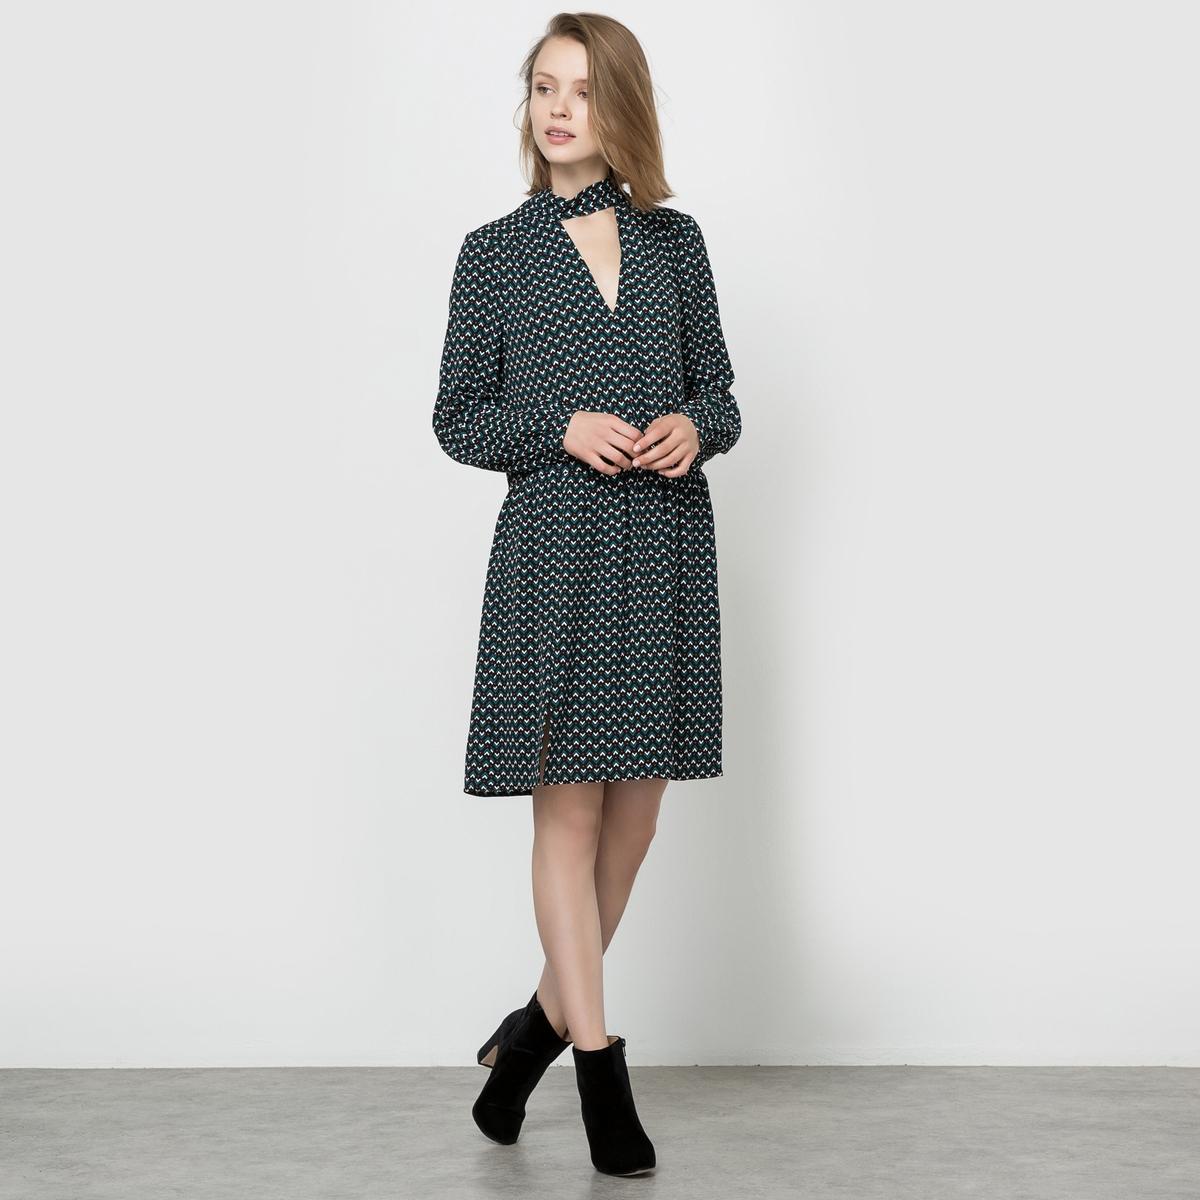 Платье с длинными рукавами, воротник с бантом, карманыСостав и описаниеМарка : SEE U SOONМатериалы : 100% полиэстера. Подкладка 100% полиэстера.<br><br>Цвет: черный наб. рисунок<br>Размер: XS.M